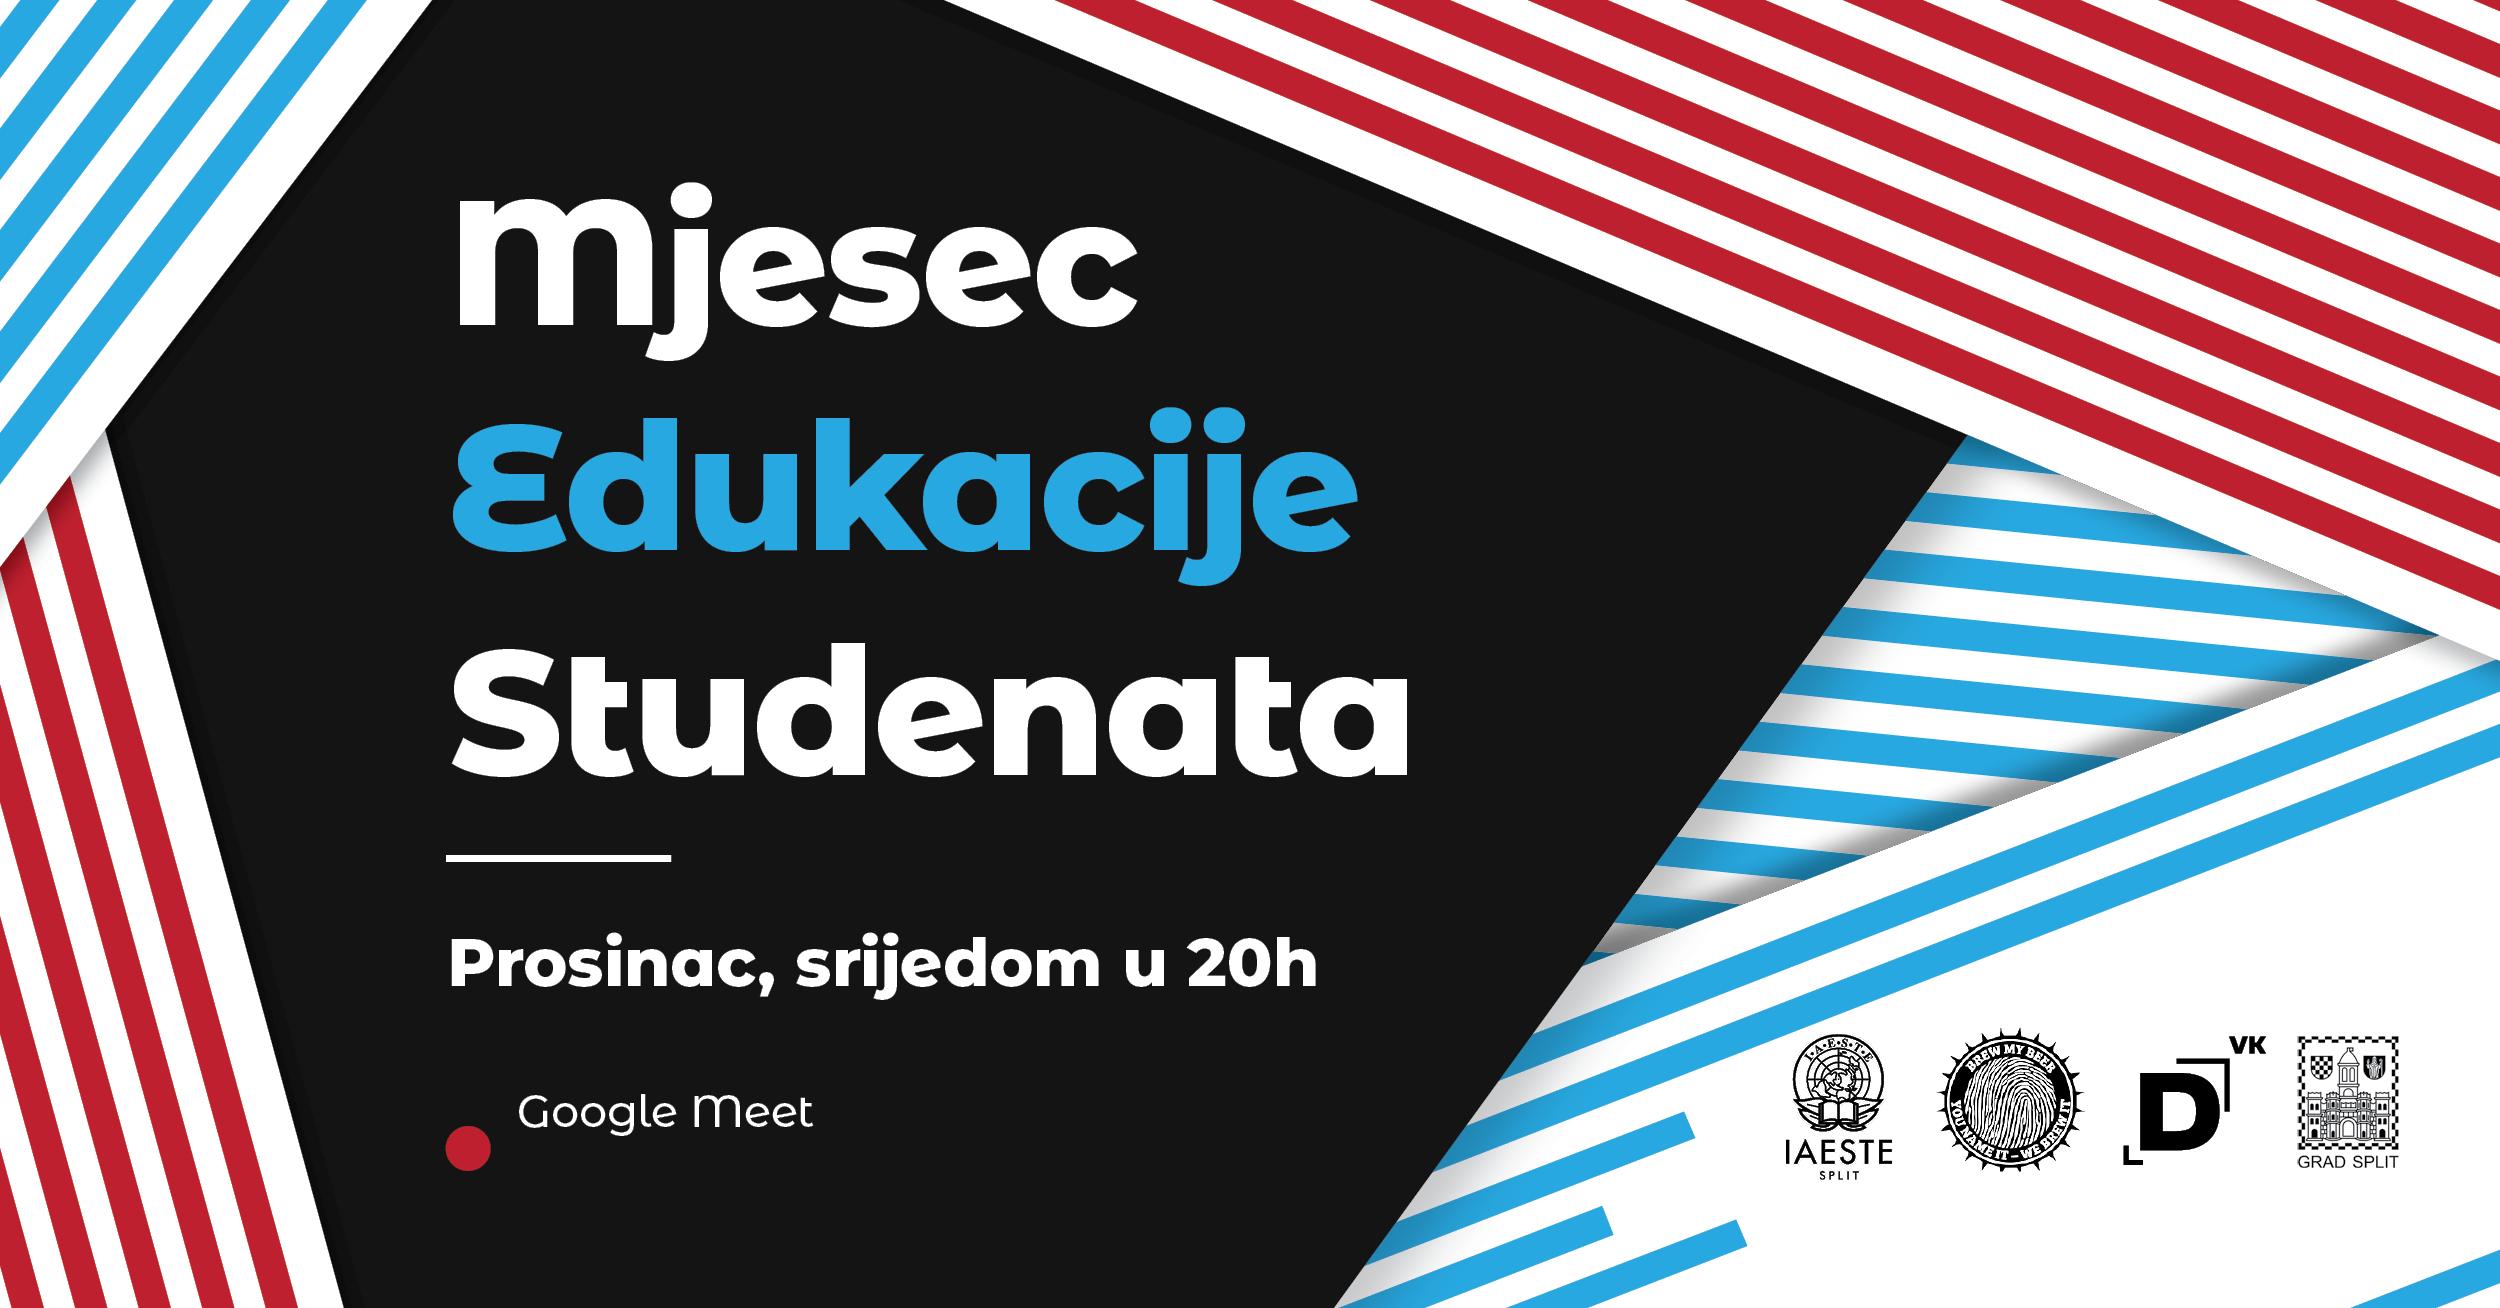 Mjesec edukacije studenata u Splitu